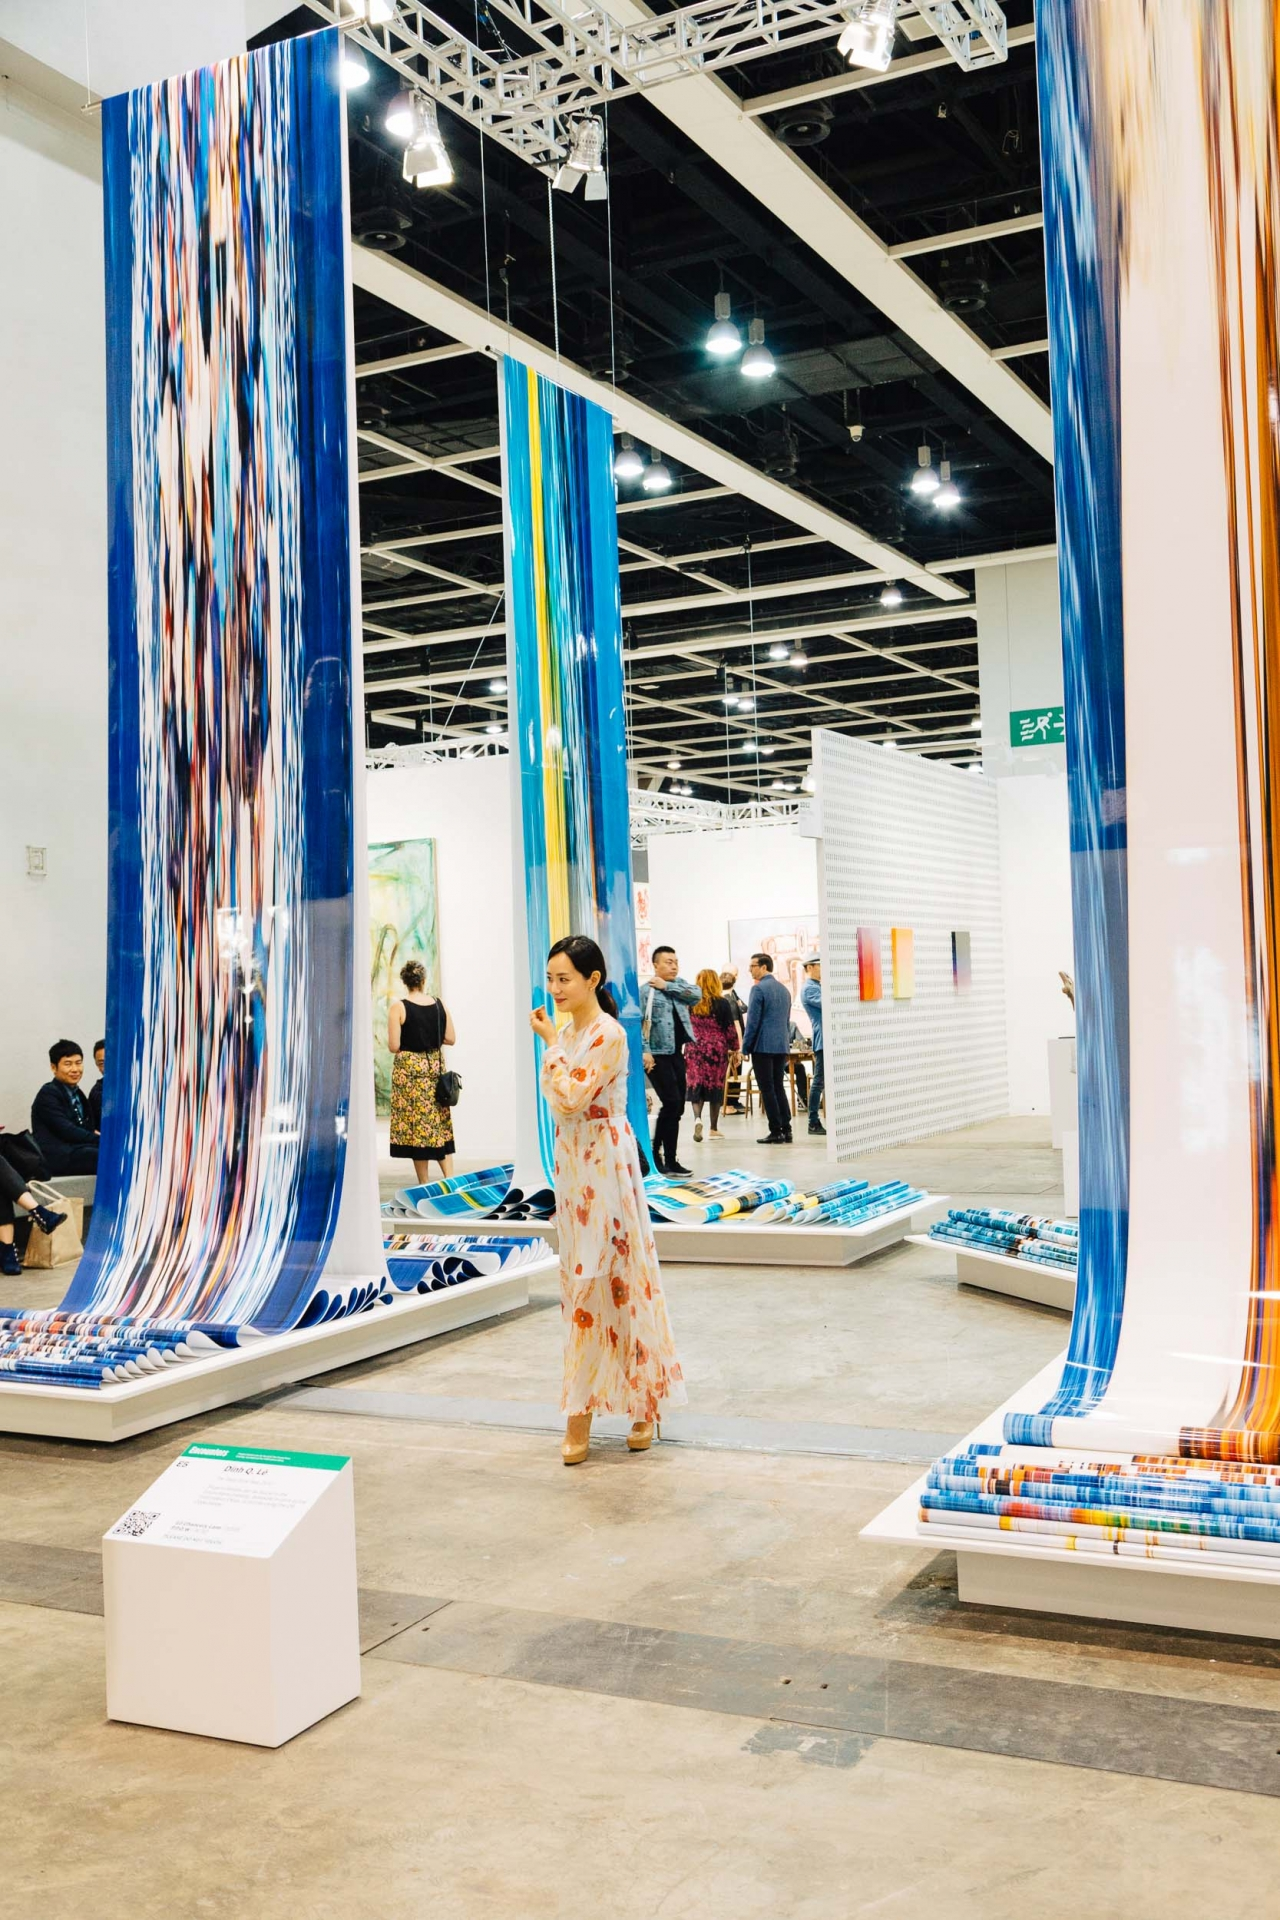 Helga Traxler Artbasel HONG KONG